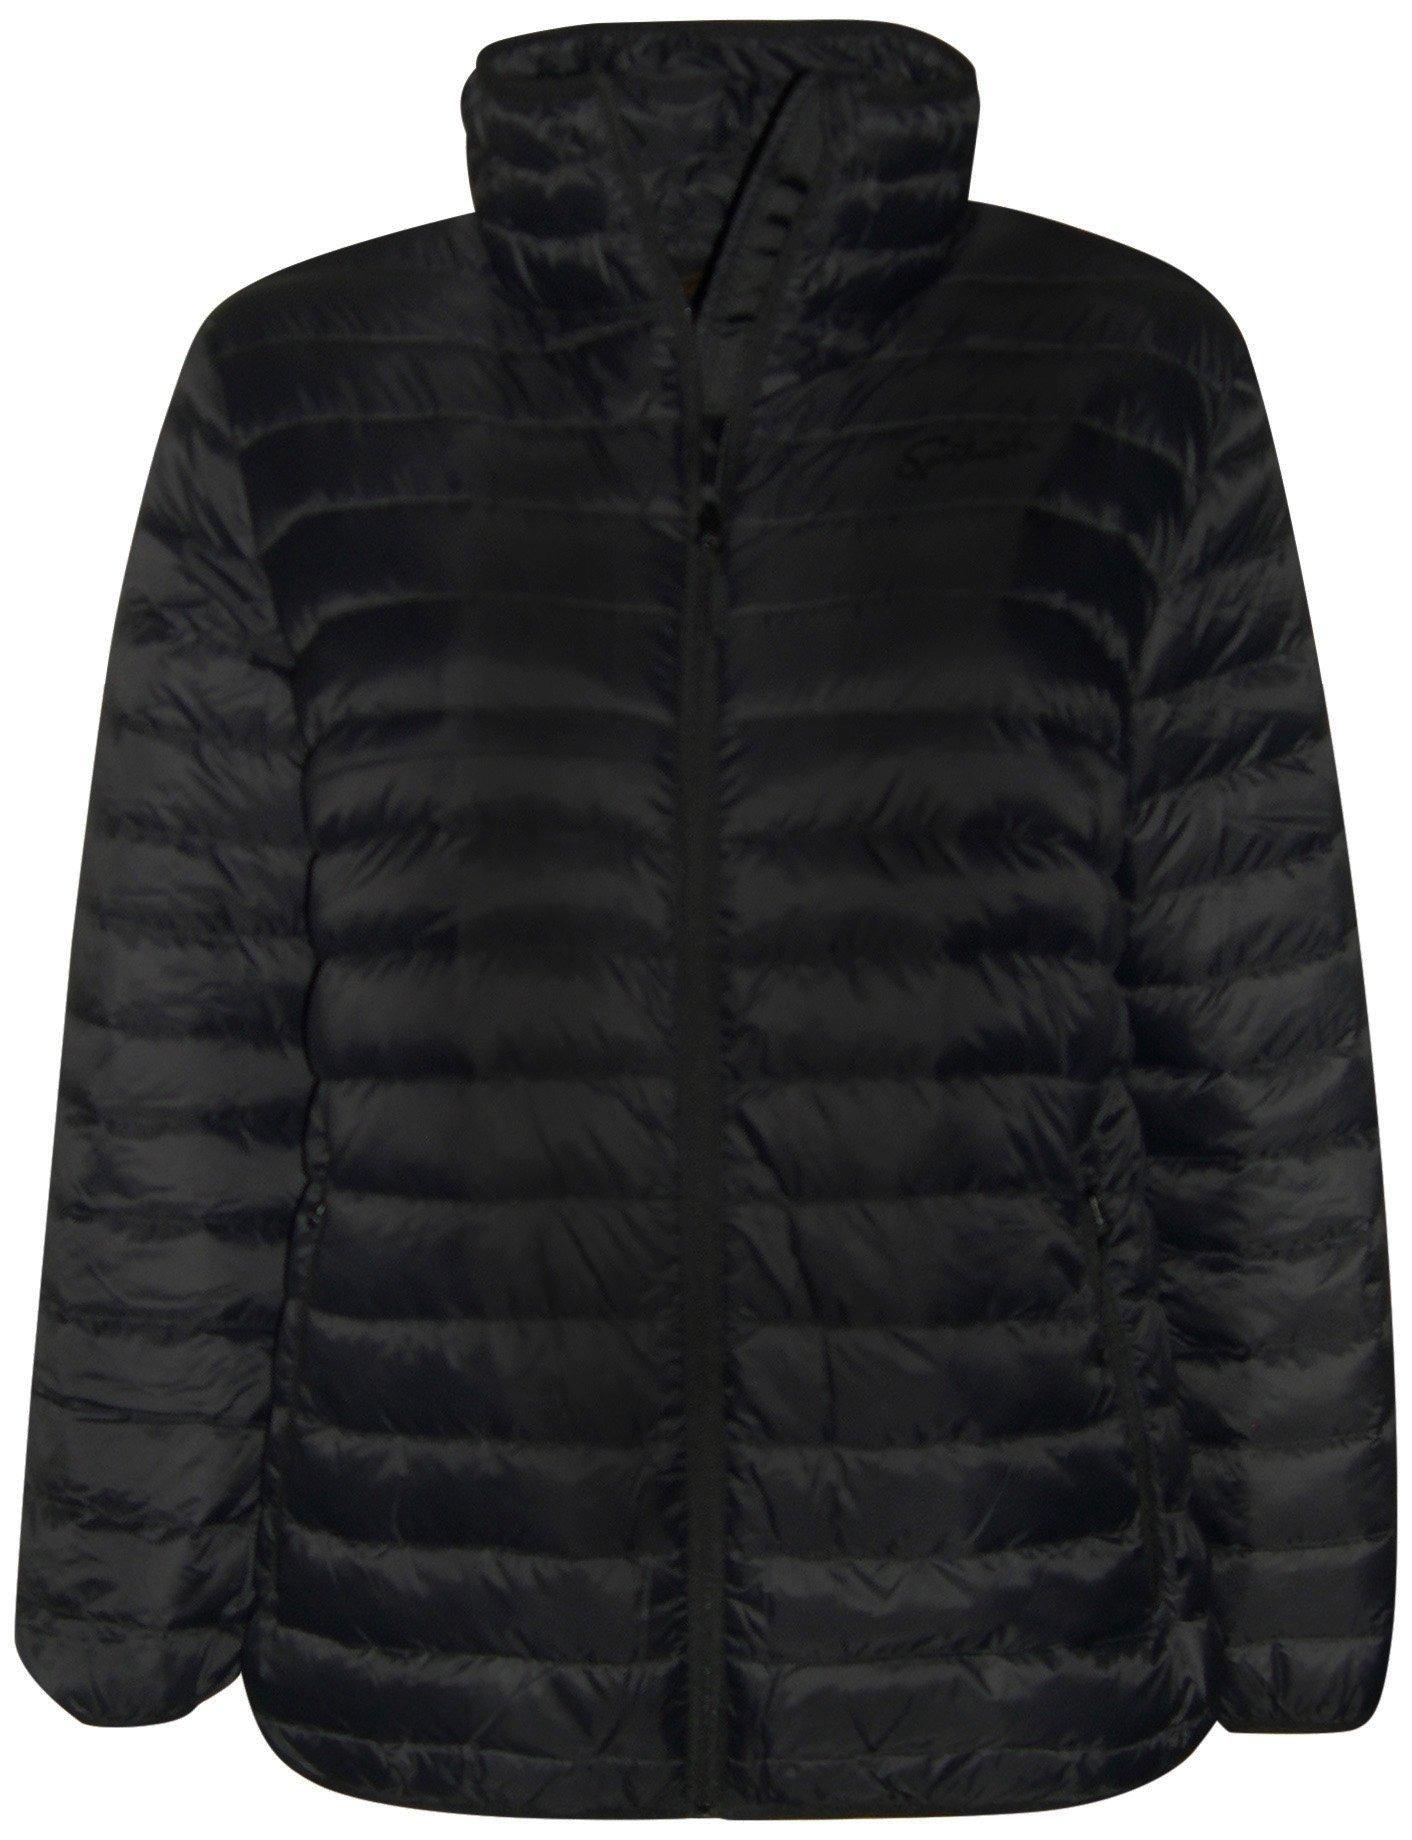 Sportcaster Women's Pulse Plus Size Packable Down Jacket (3X, Black)